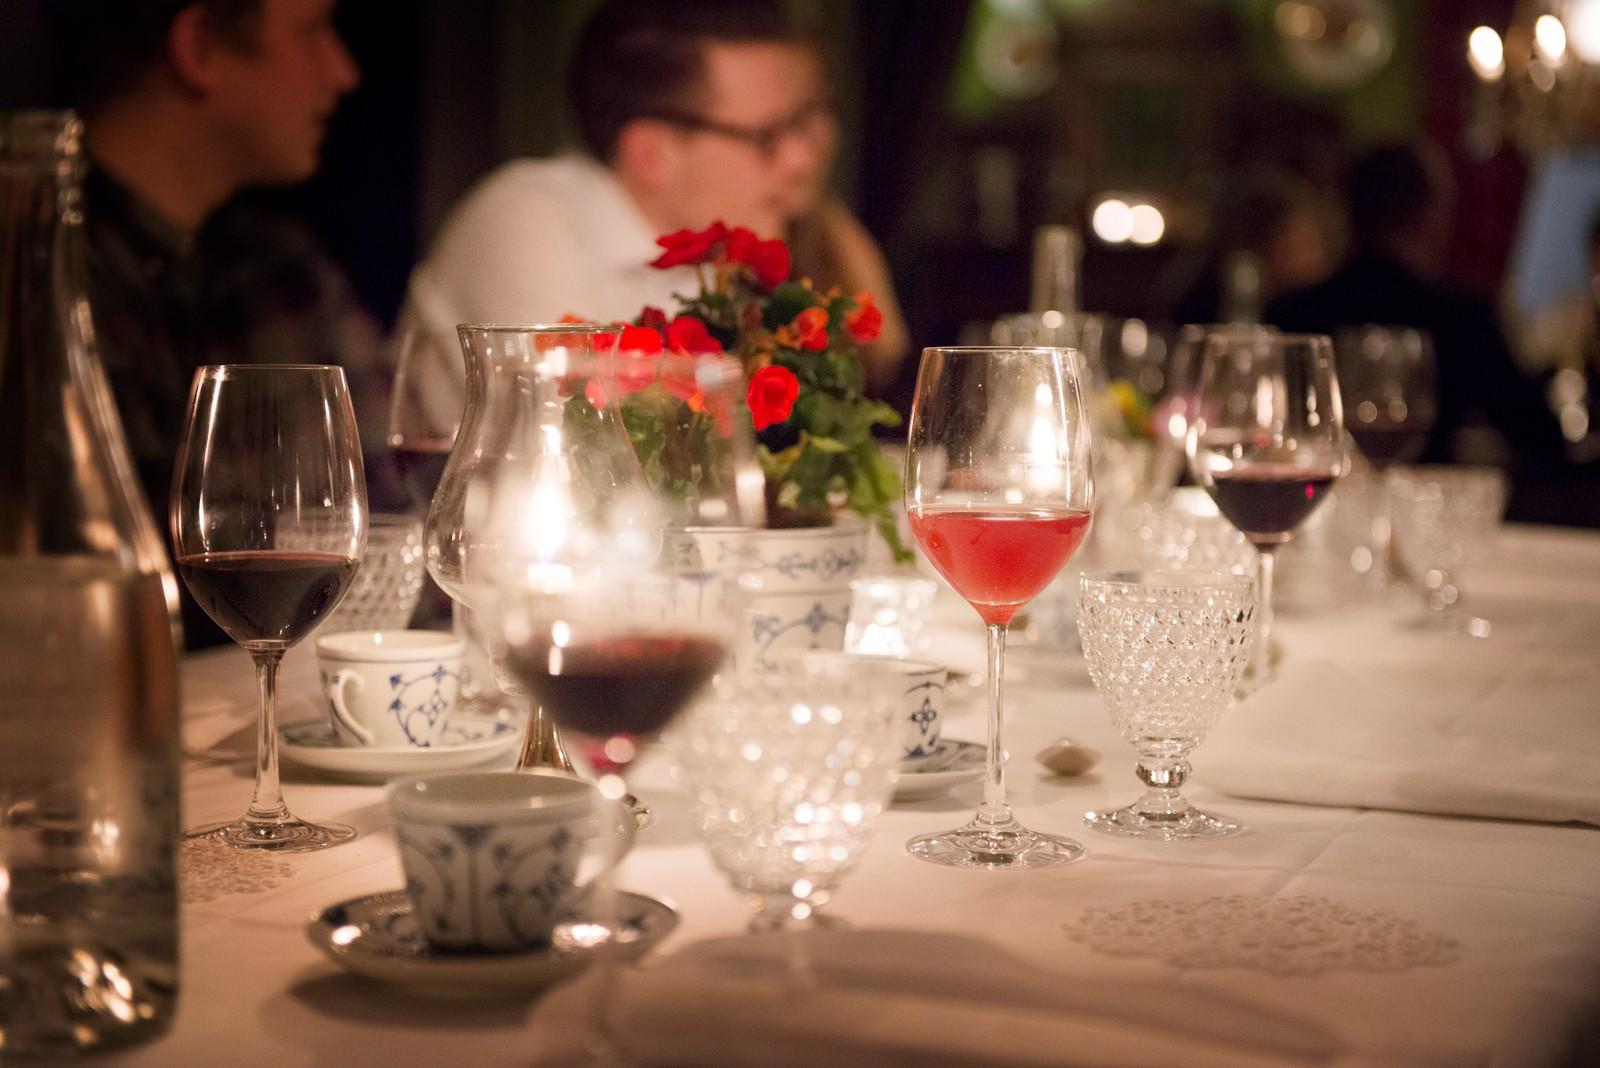 KOSELEG: I lune omgjevnadar fekk publikum servert mat før musikken braka laus.